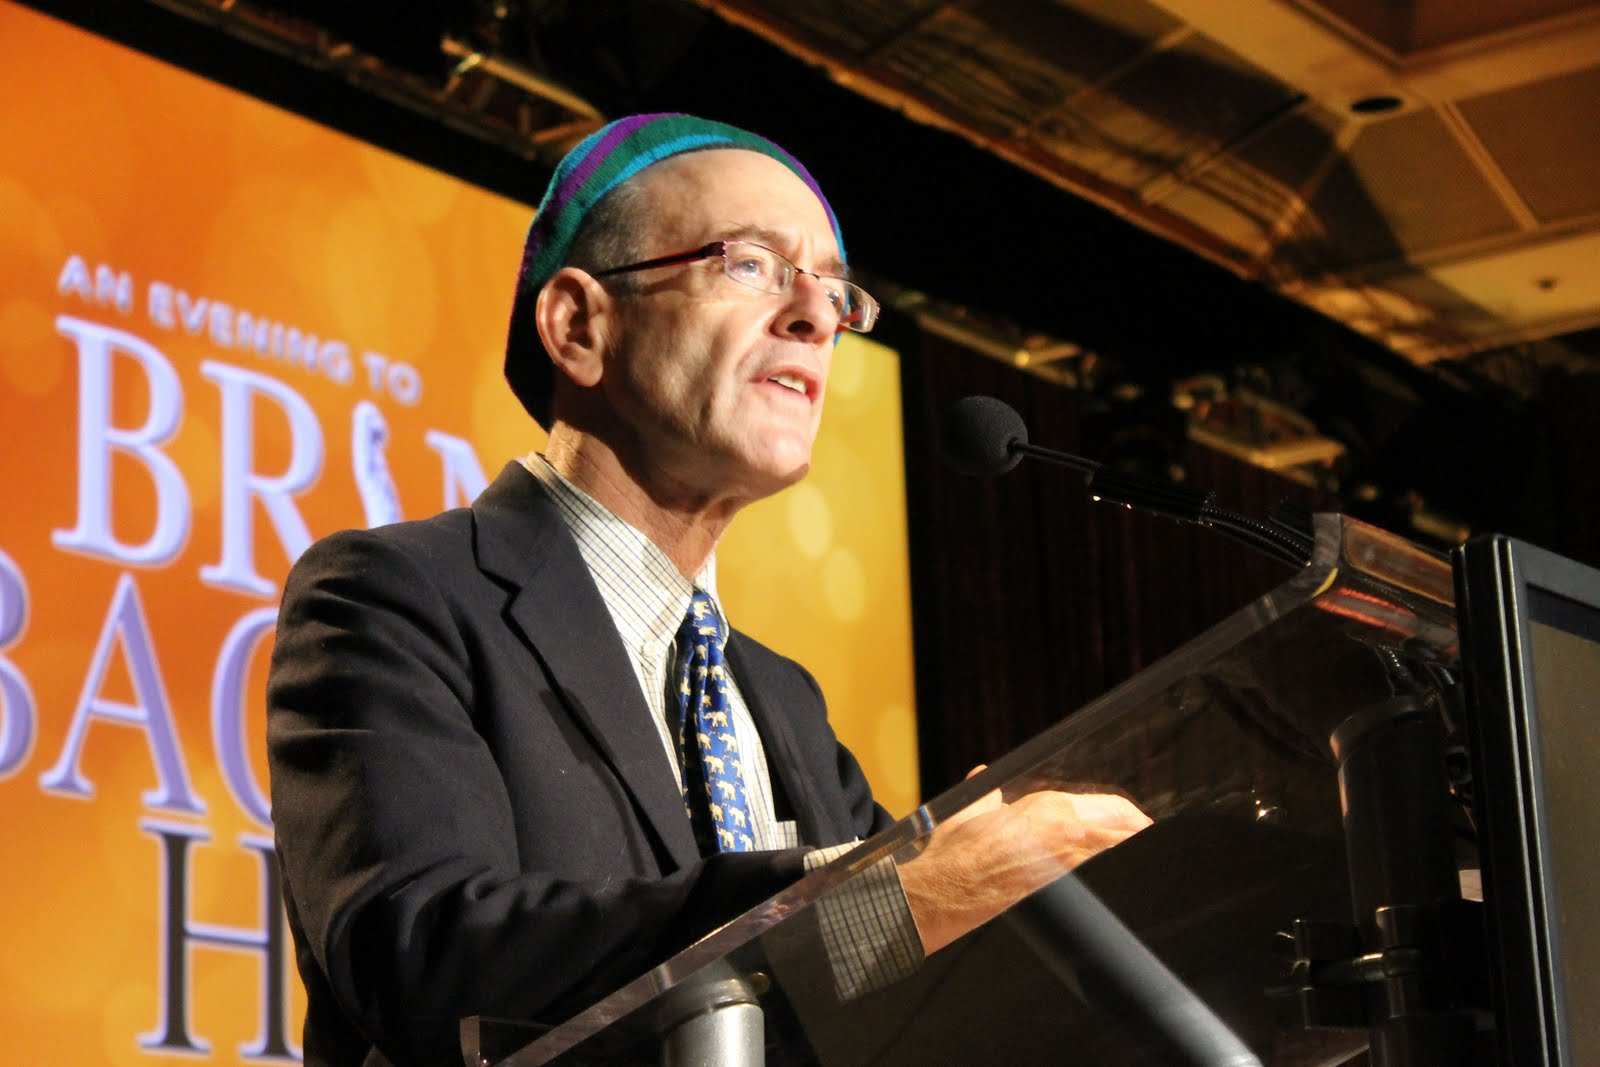 Dr. Rick Hodes Bring Back Hope 2012